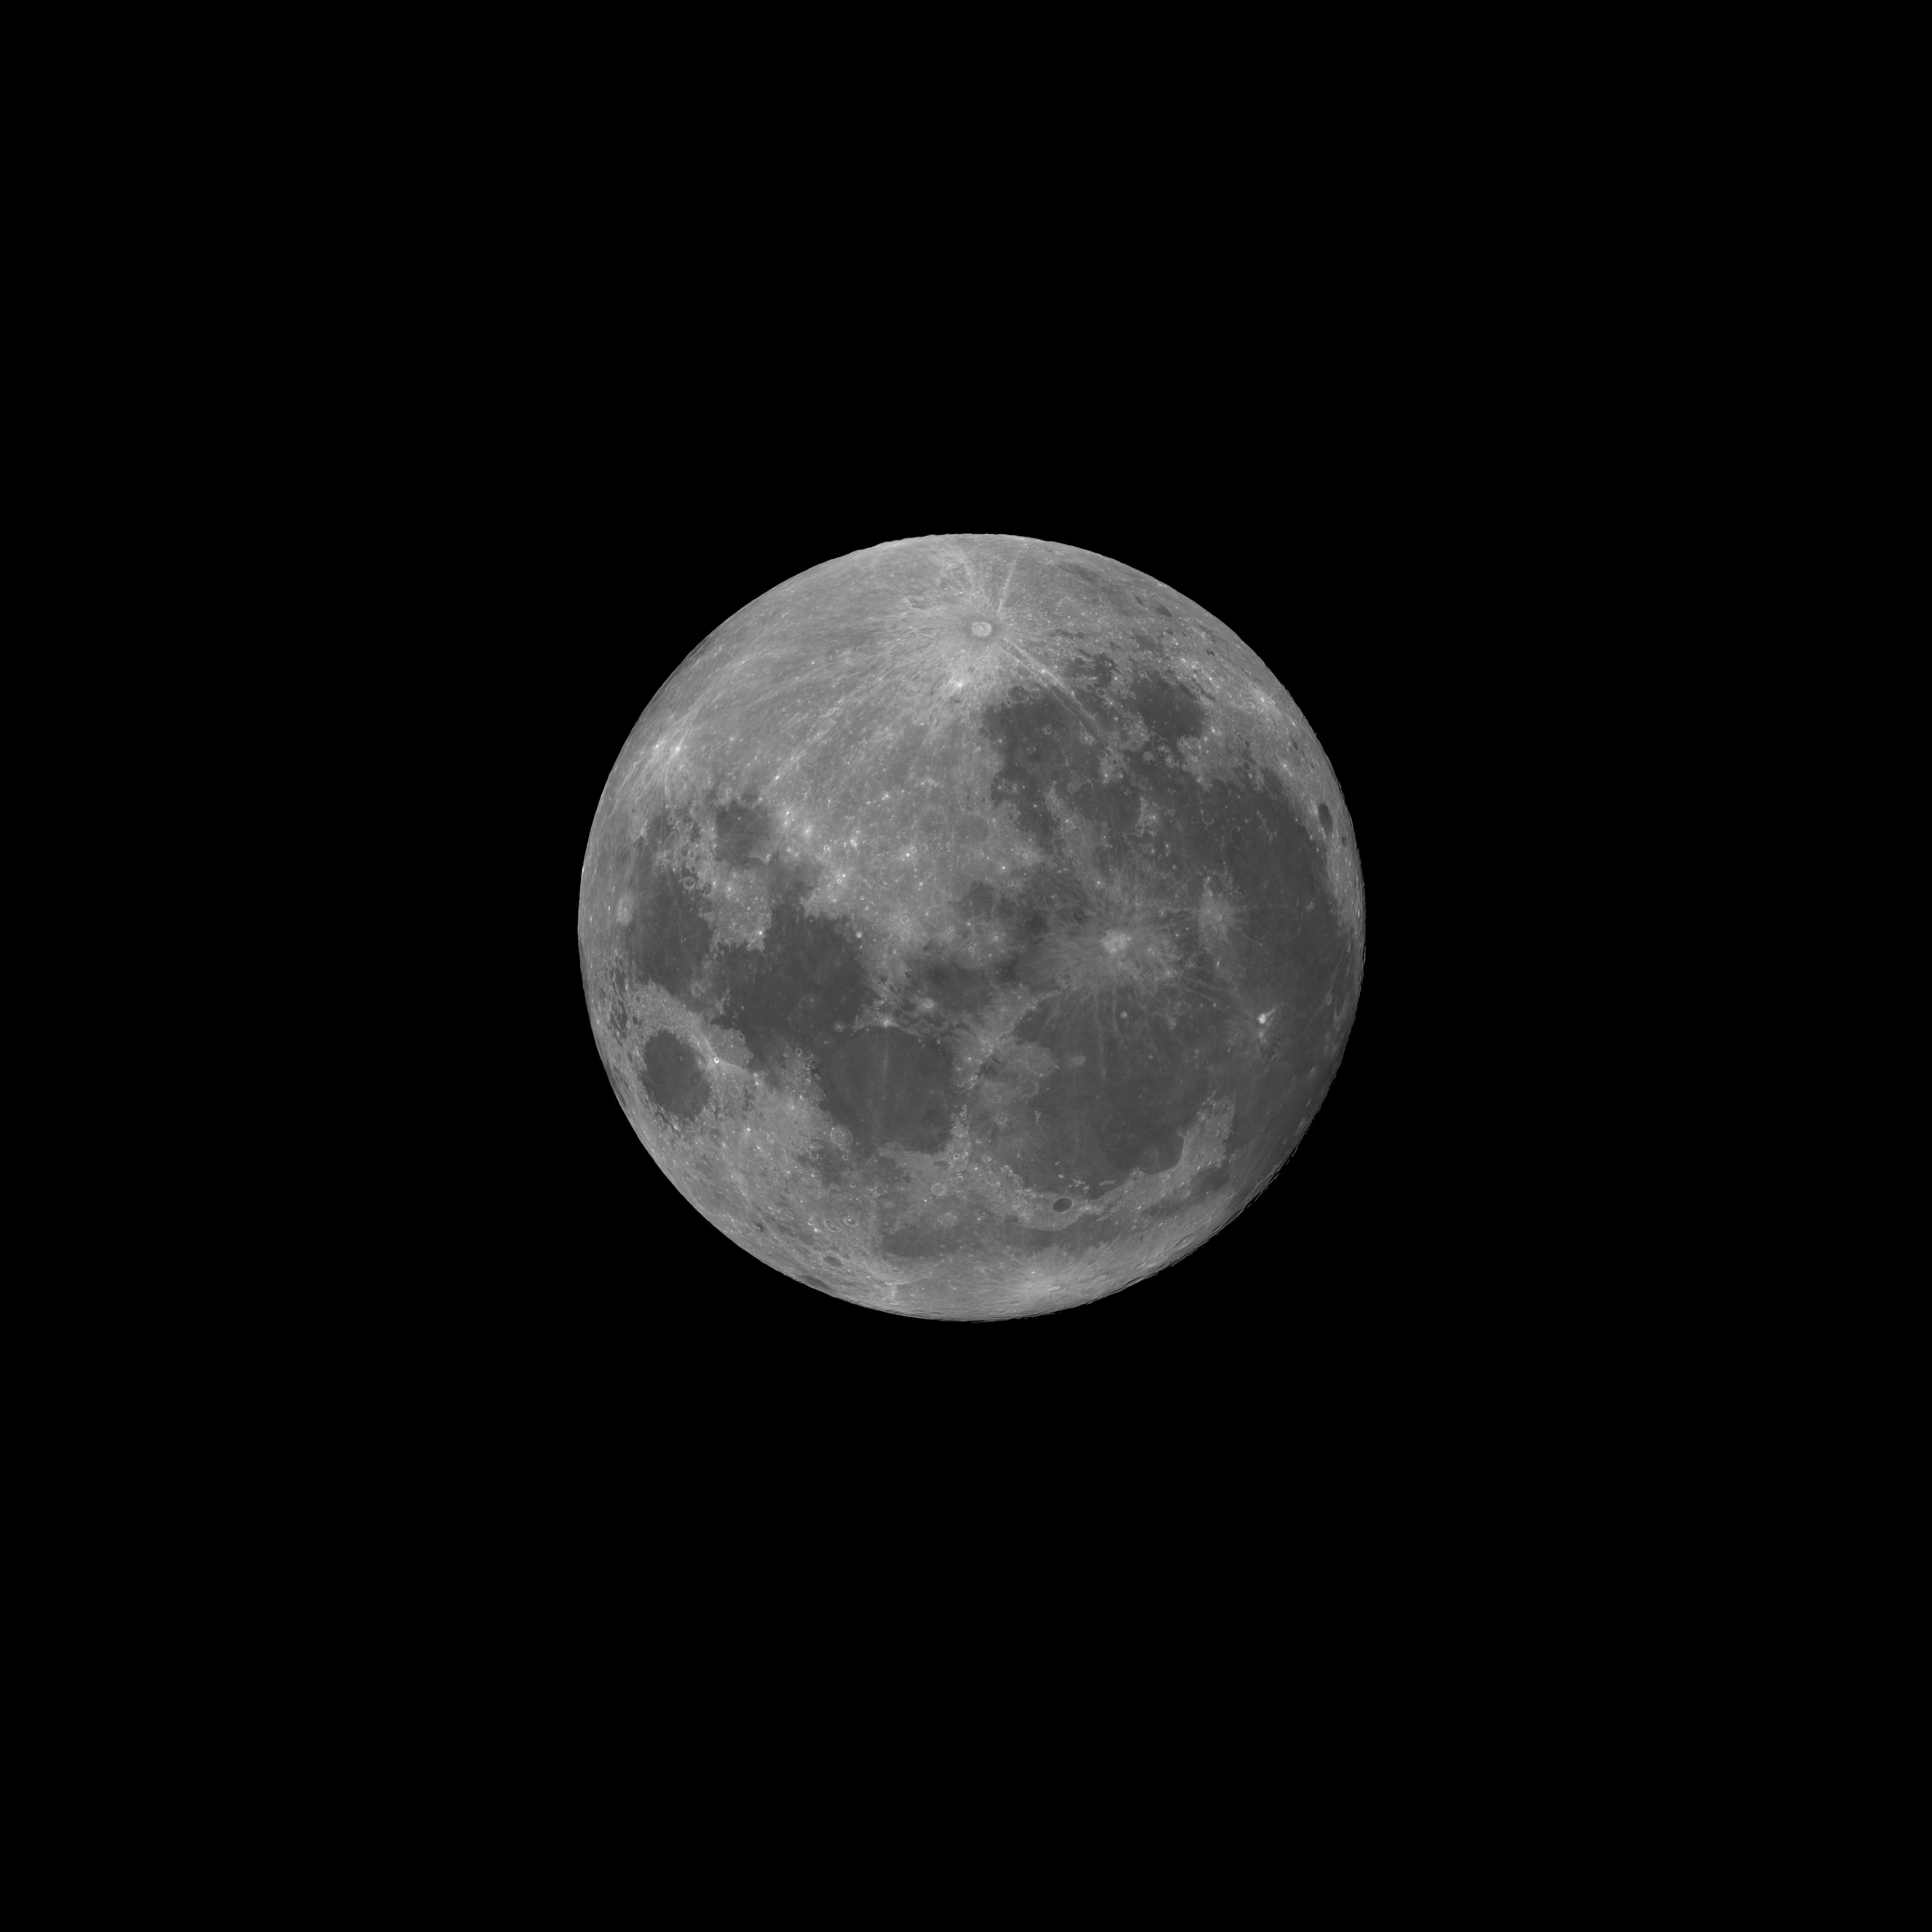 Pleine Lune du 1er Janvier 2018 - au Foyer de la TOA130 - mosaiques de 6 images